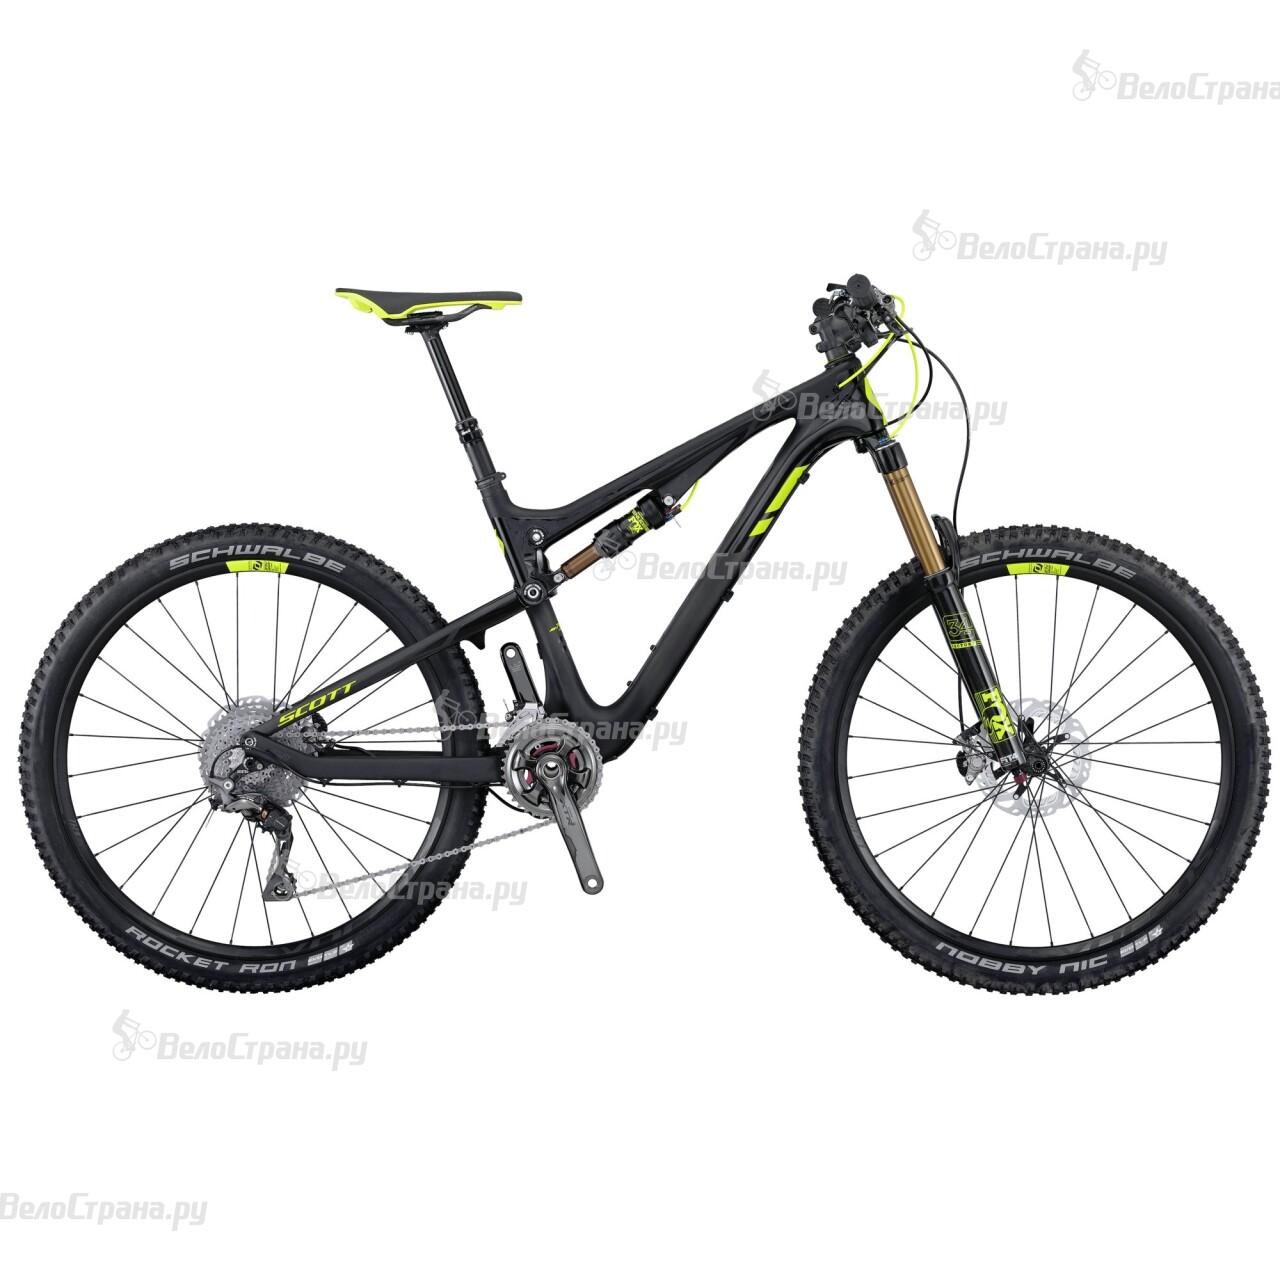 Велосипед Scott Genius 700 Premium (2016) genius hs 300a silver